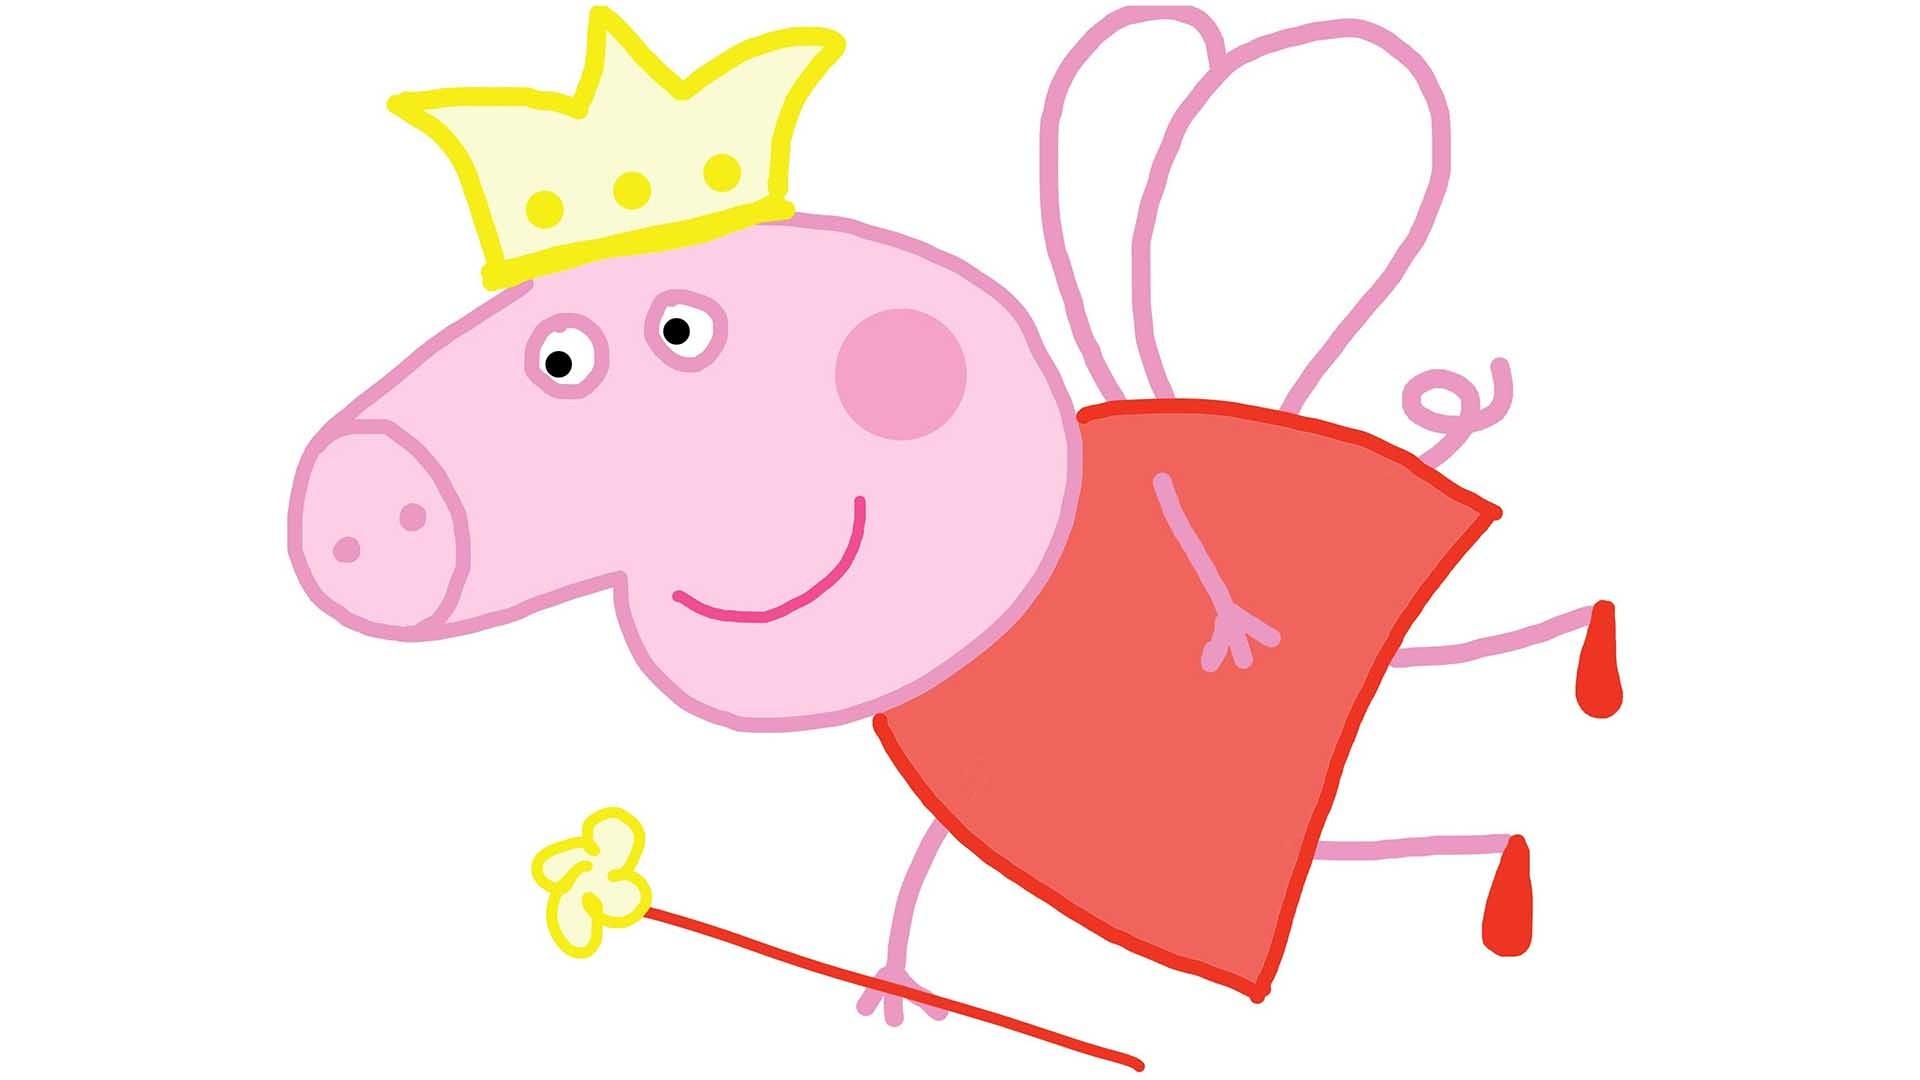 Imagenes de peppa pig y sus amigos. >>